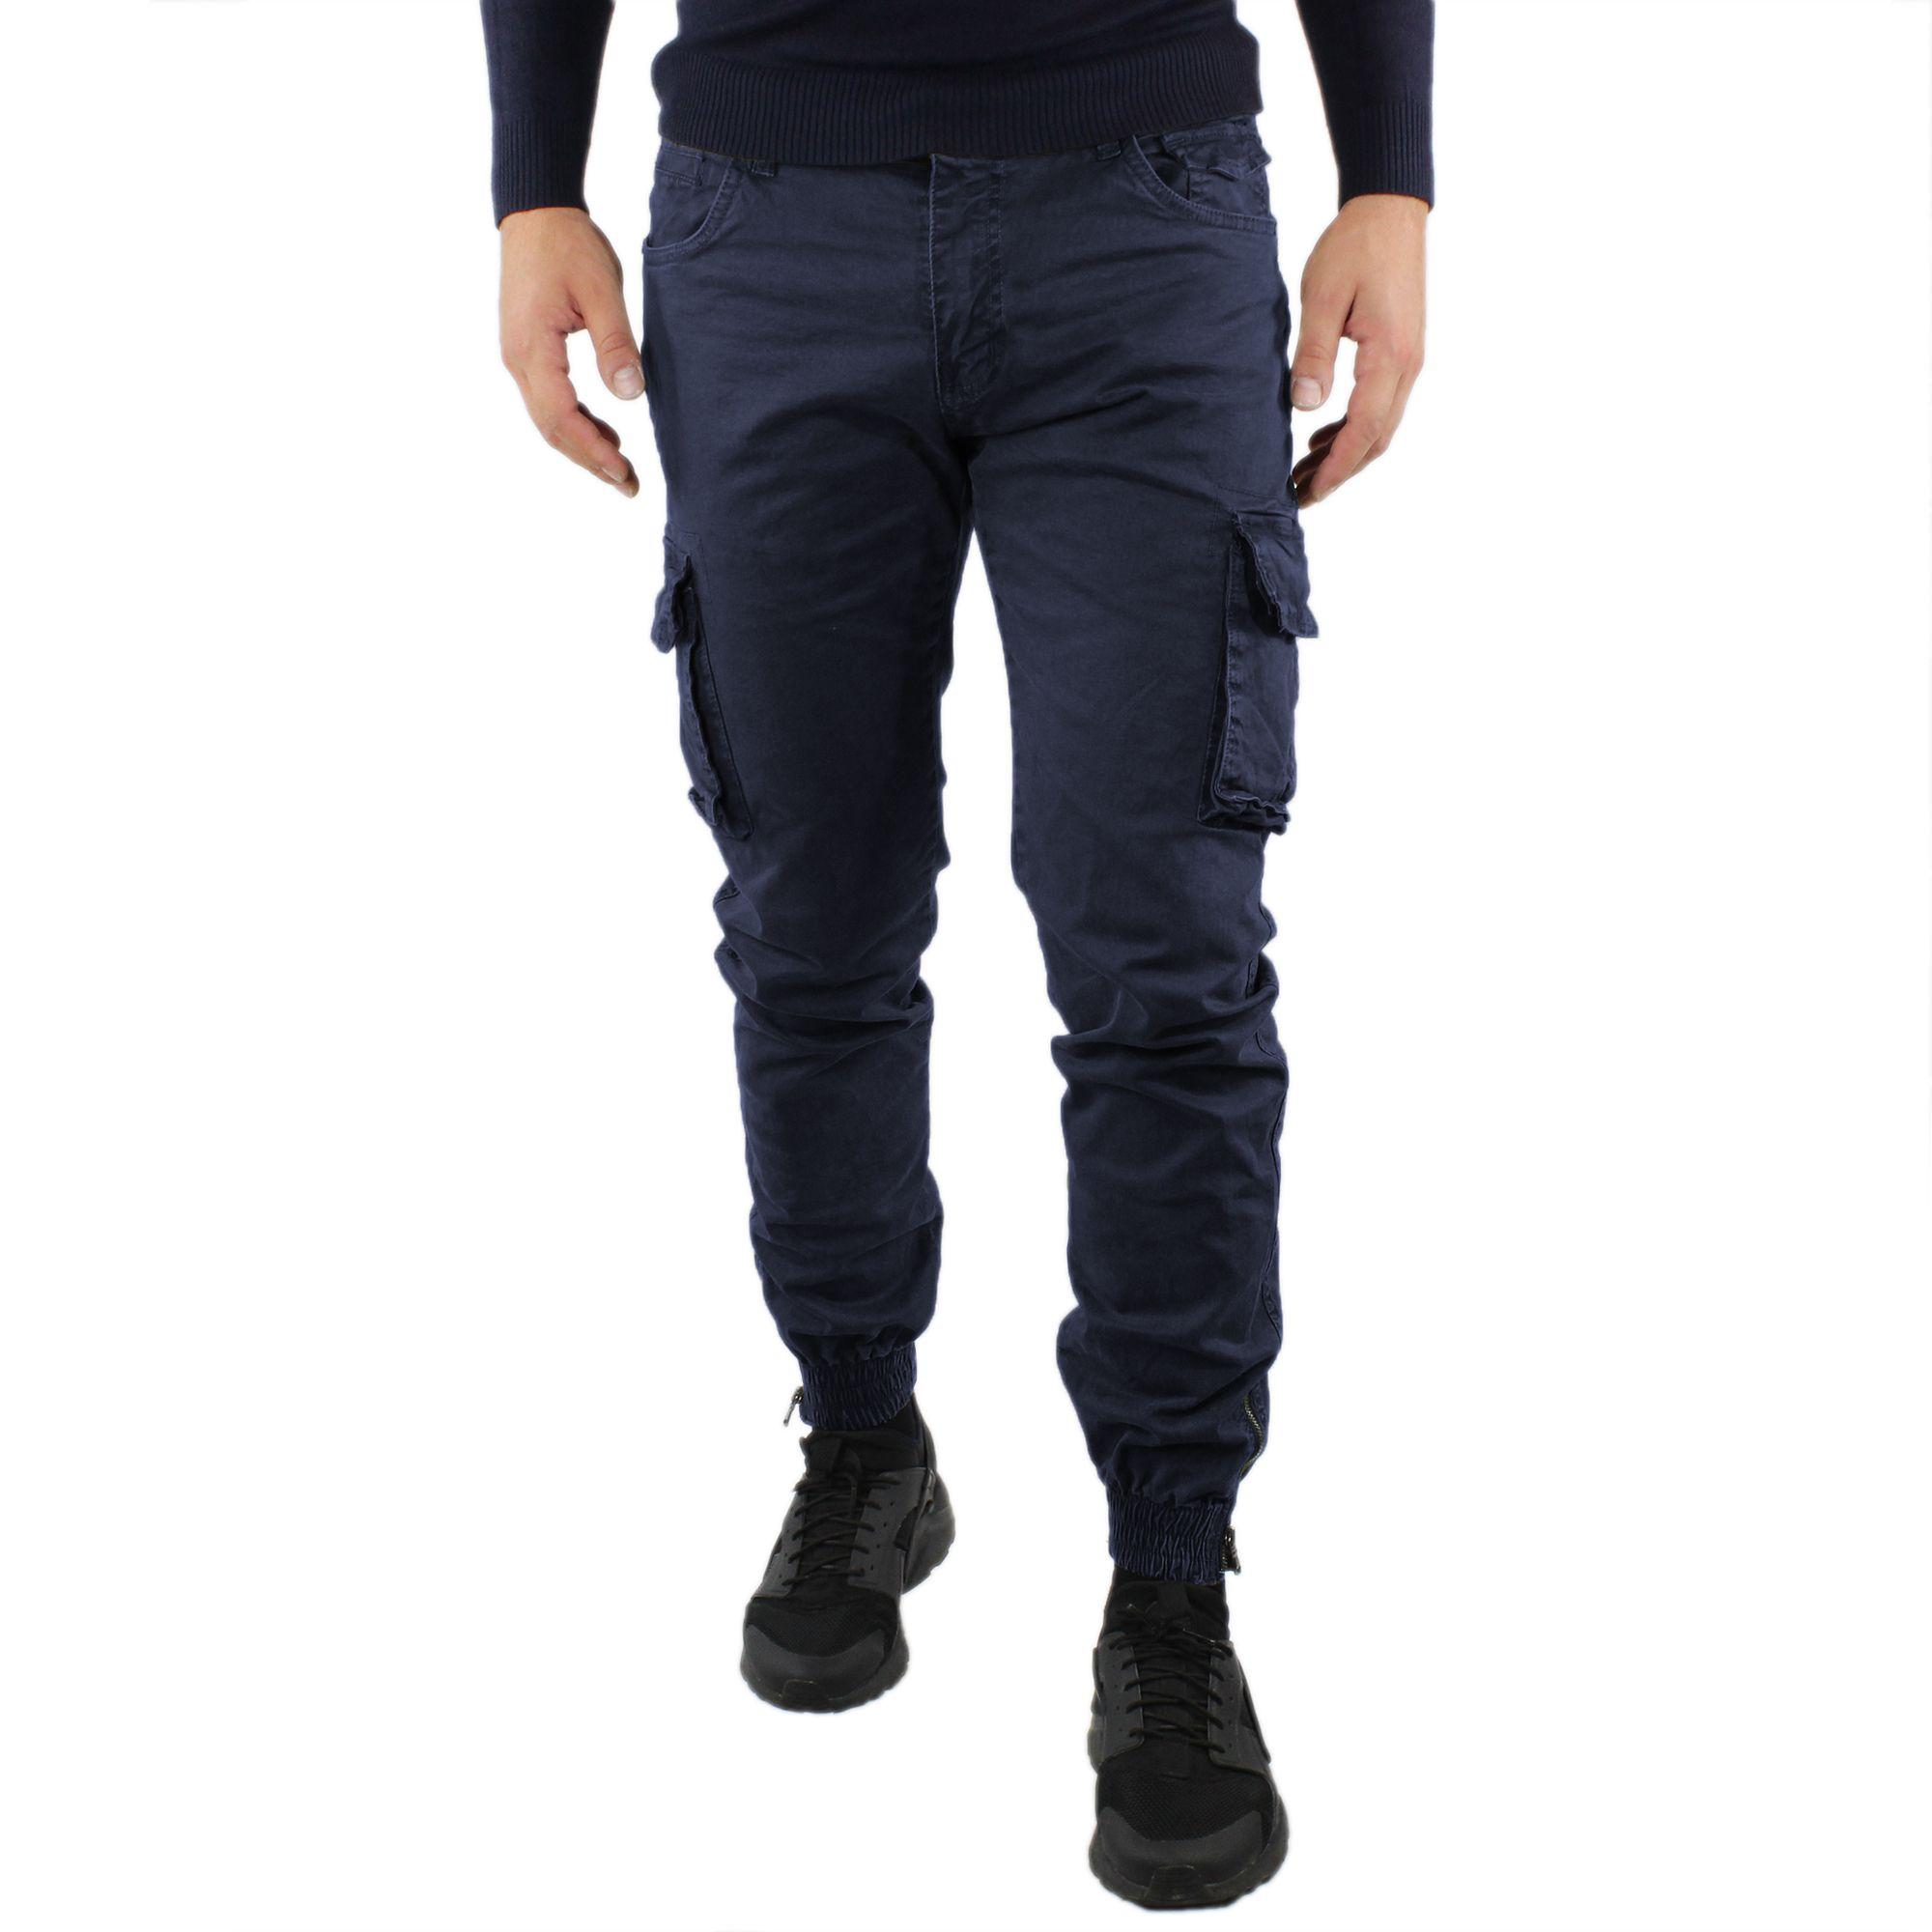 Pantaloni-Cargo-Uomo-Invernale-Tasche-Laterali-Cotone-Slim-Fit-Tasconi-Casual miniatura 8